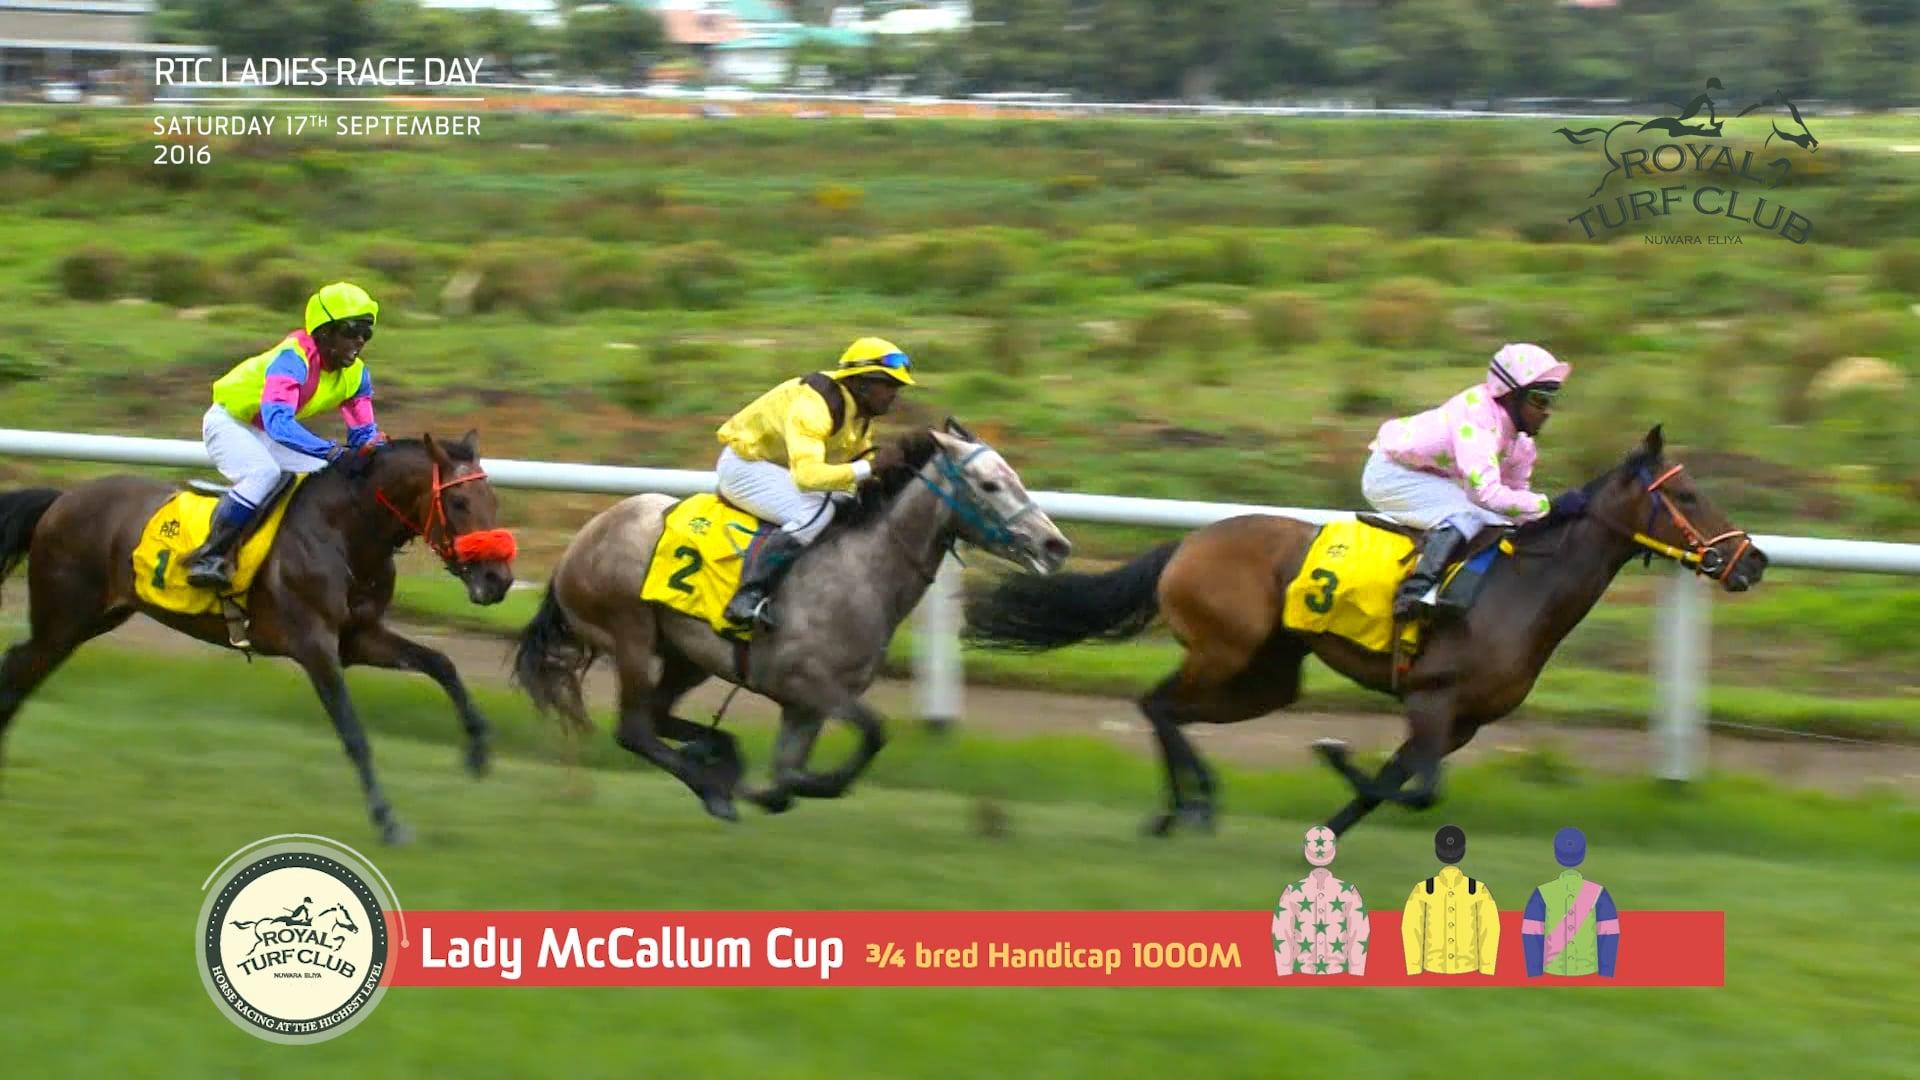 Lady McCallum Cup 2016